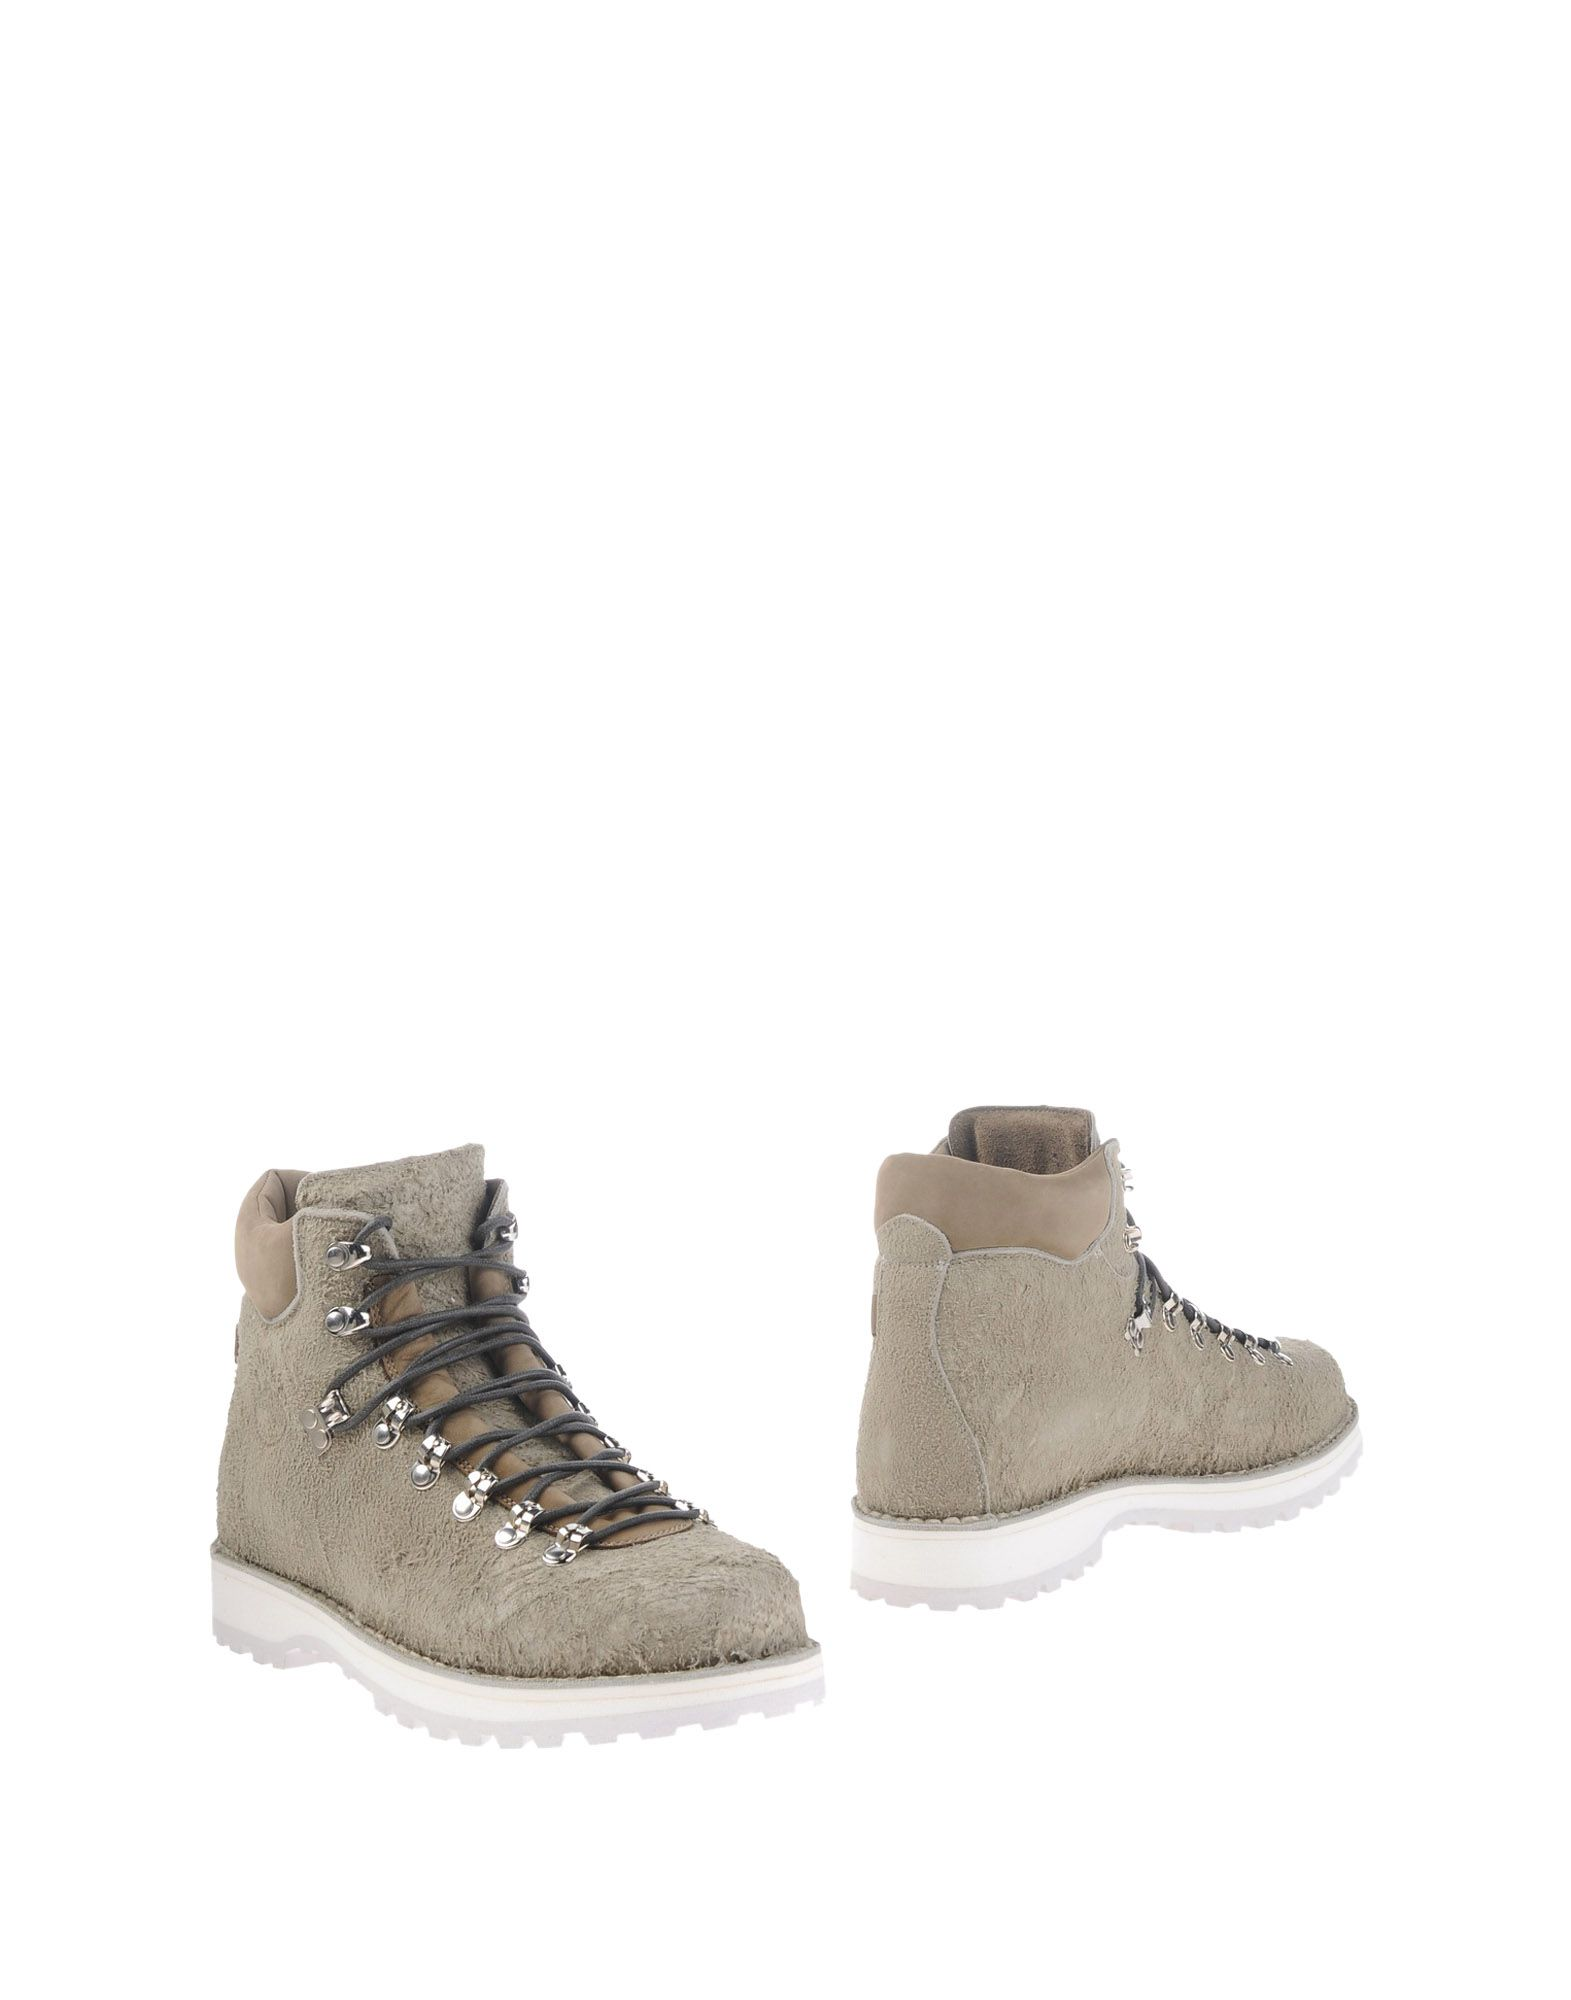 Diemme Stiefelette Herren  11223902BG Gute Qualität beliebte Schuhe